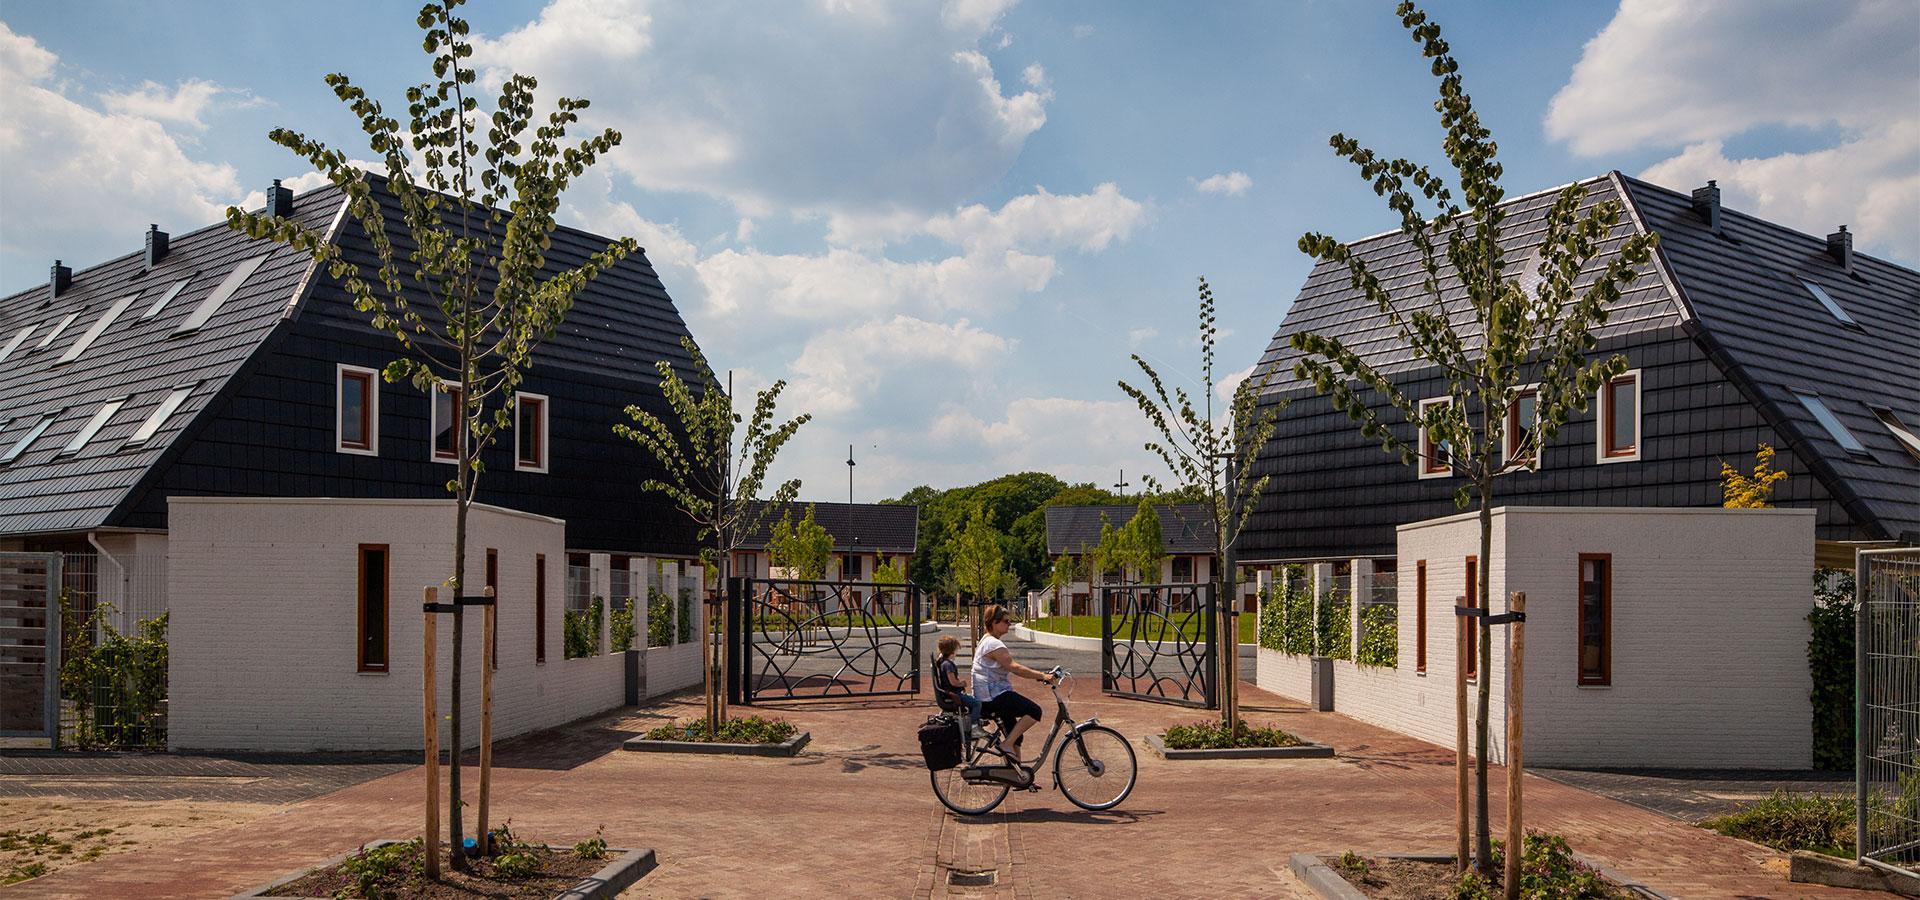 FARO architecten Rijtse Vennen Deurne 02